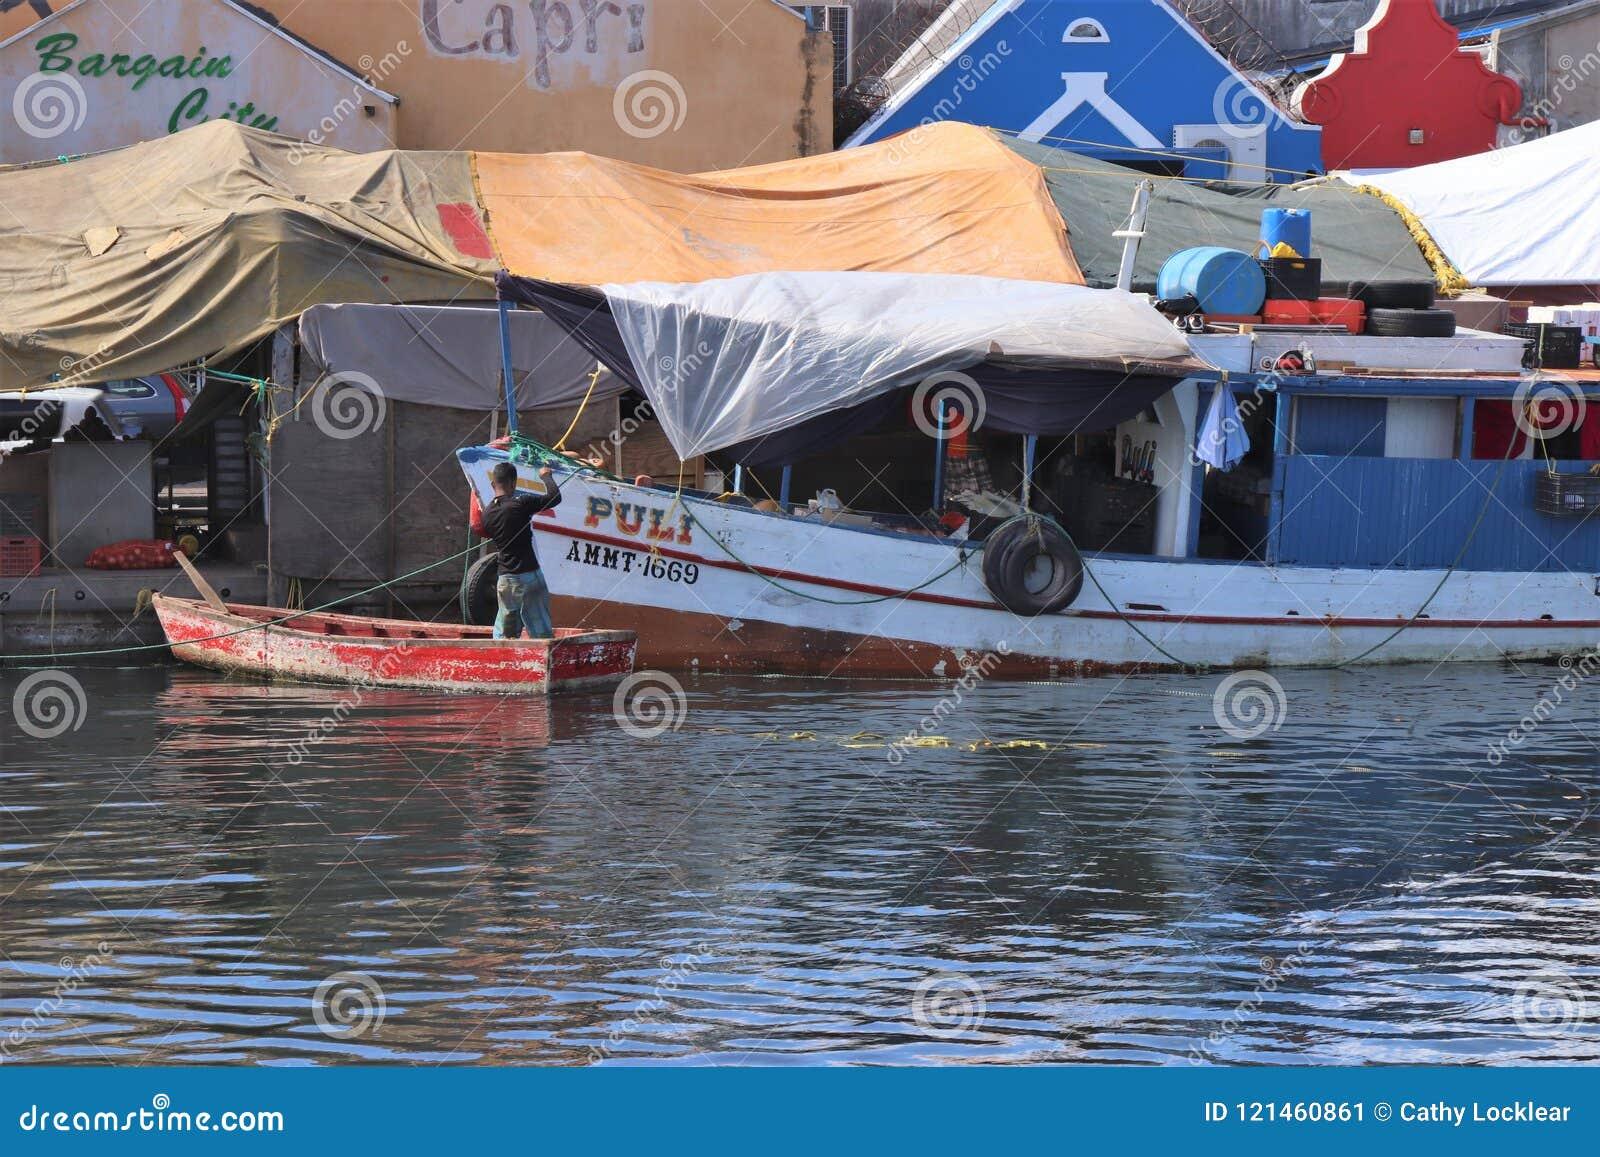 Willemstad, Curaçao - 12/17/17: Barcos en el mercado flotante en Curaçao